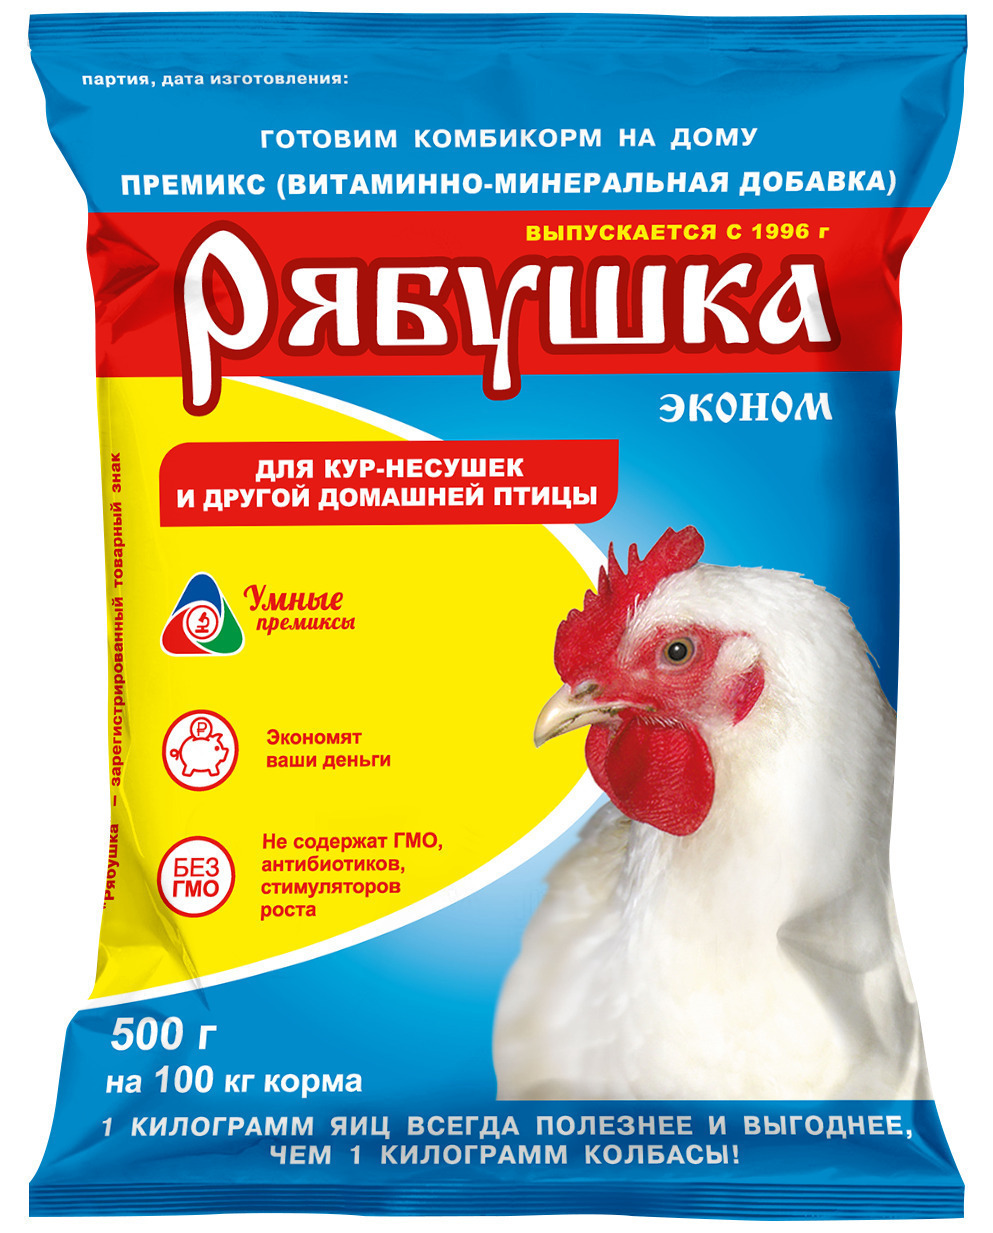 Витаминное питание кур-несушек от авитаминозов до популярных премиксов